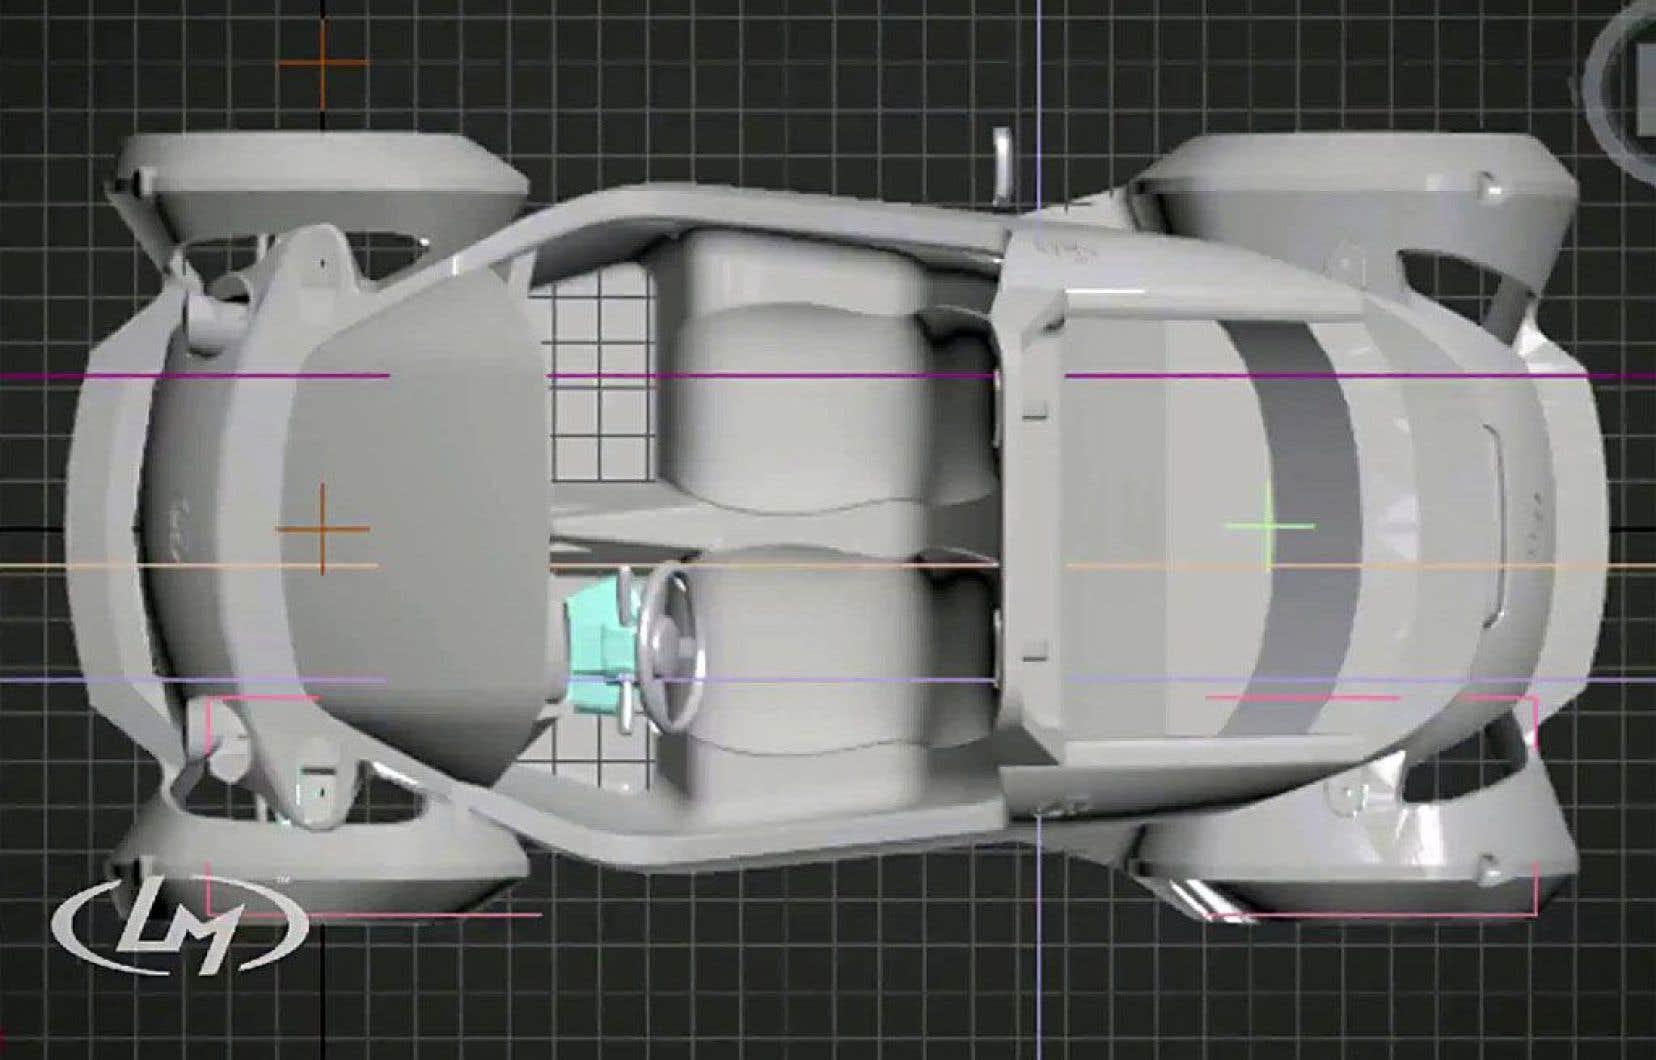 Local Motors façonne une voiture, la Strati, en une seule pièce (châssis et carrosserie) avant d'ajouter à la main 48 éléments (moteur, volant, pneus).